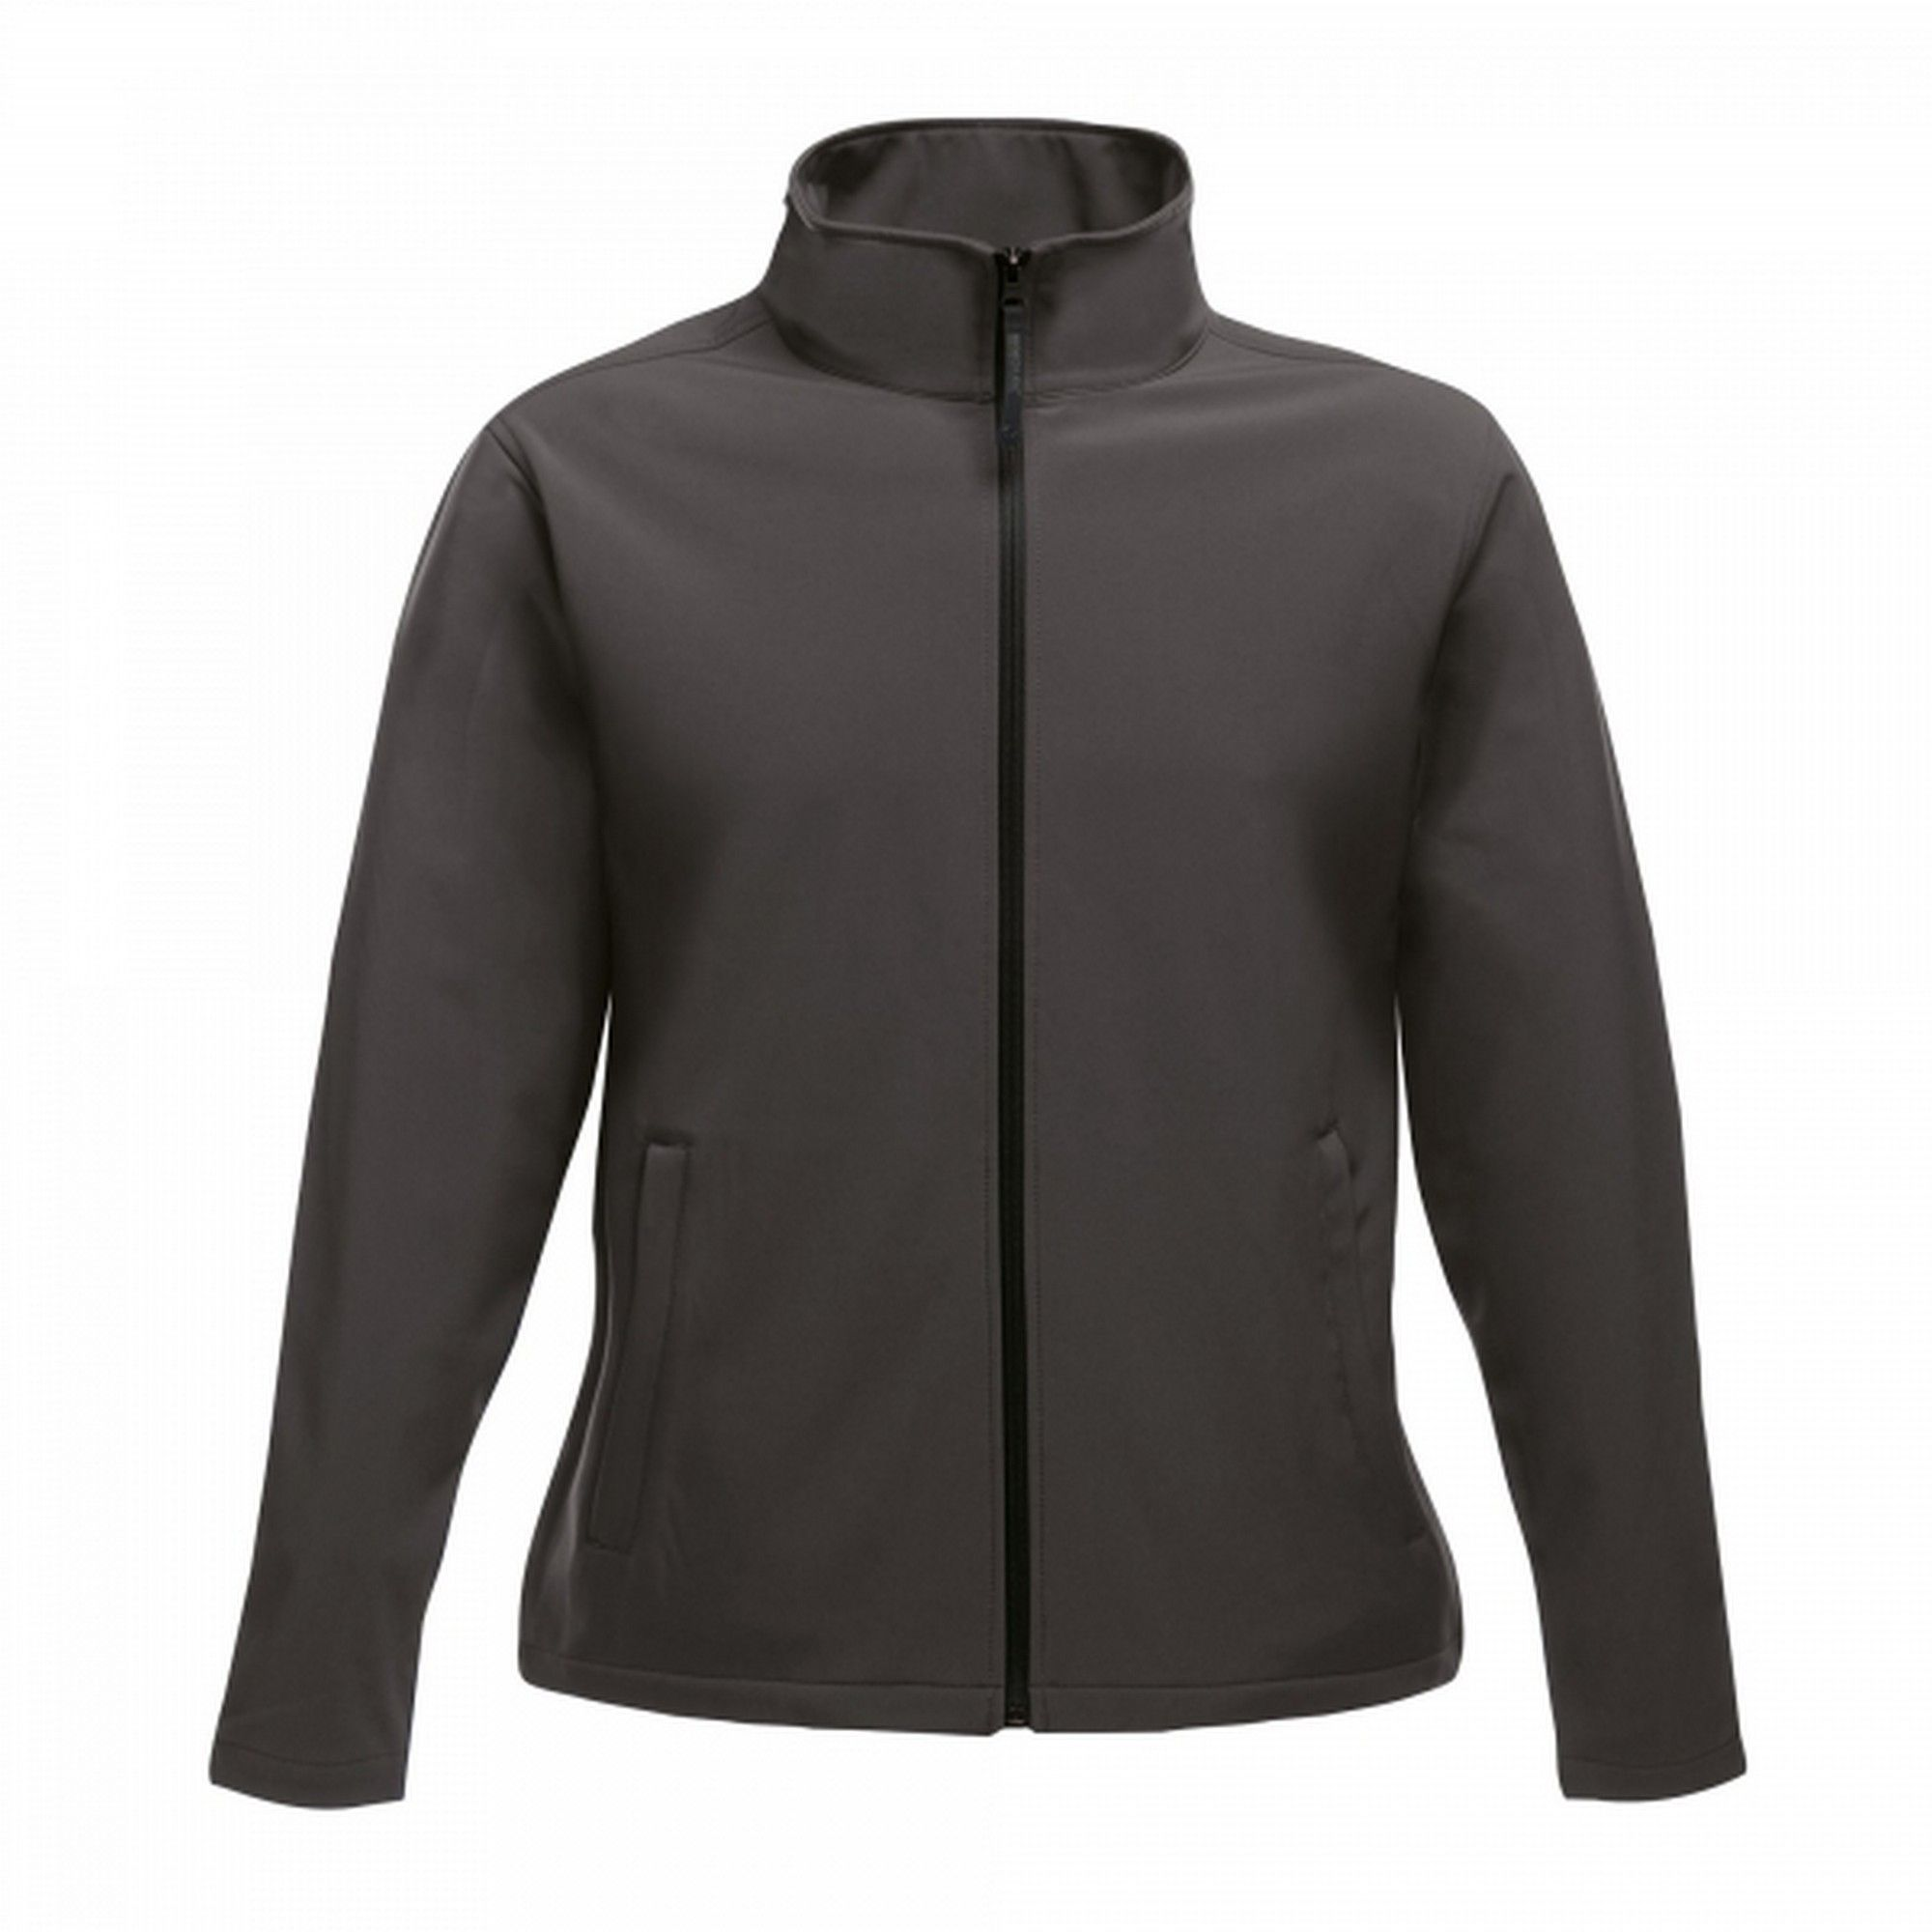 Regatta Womens/Ladies Ablaze Printable Softshell Jacket